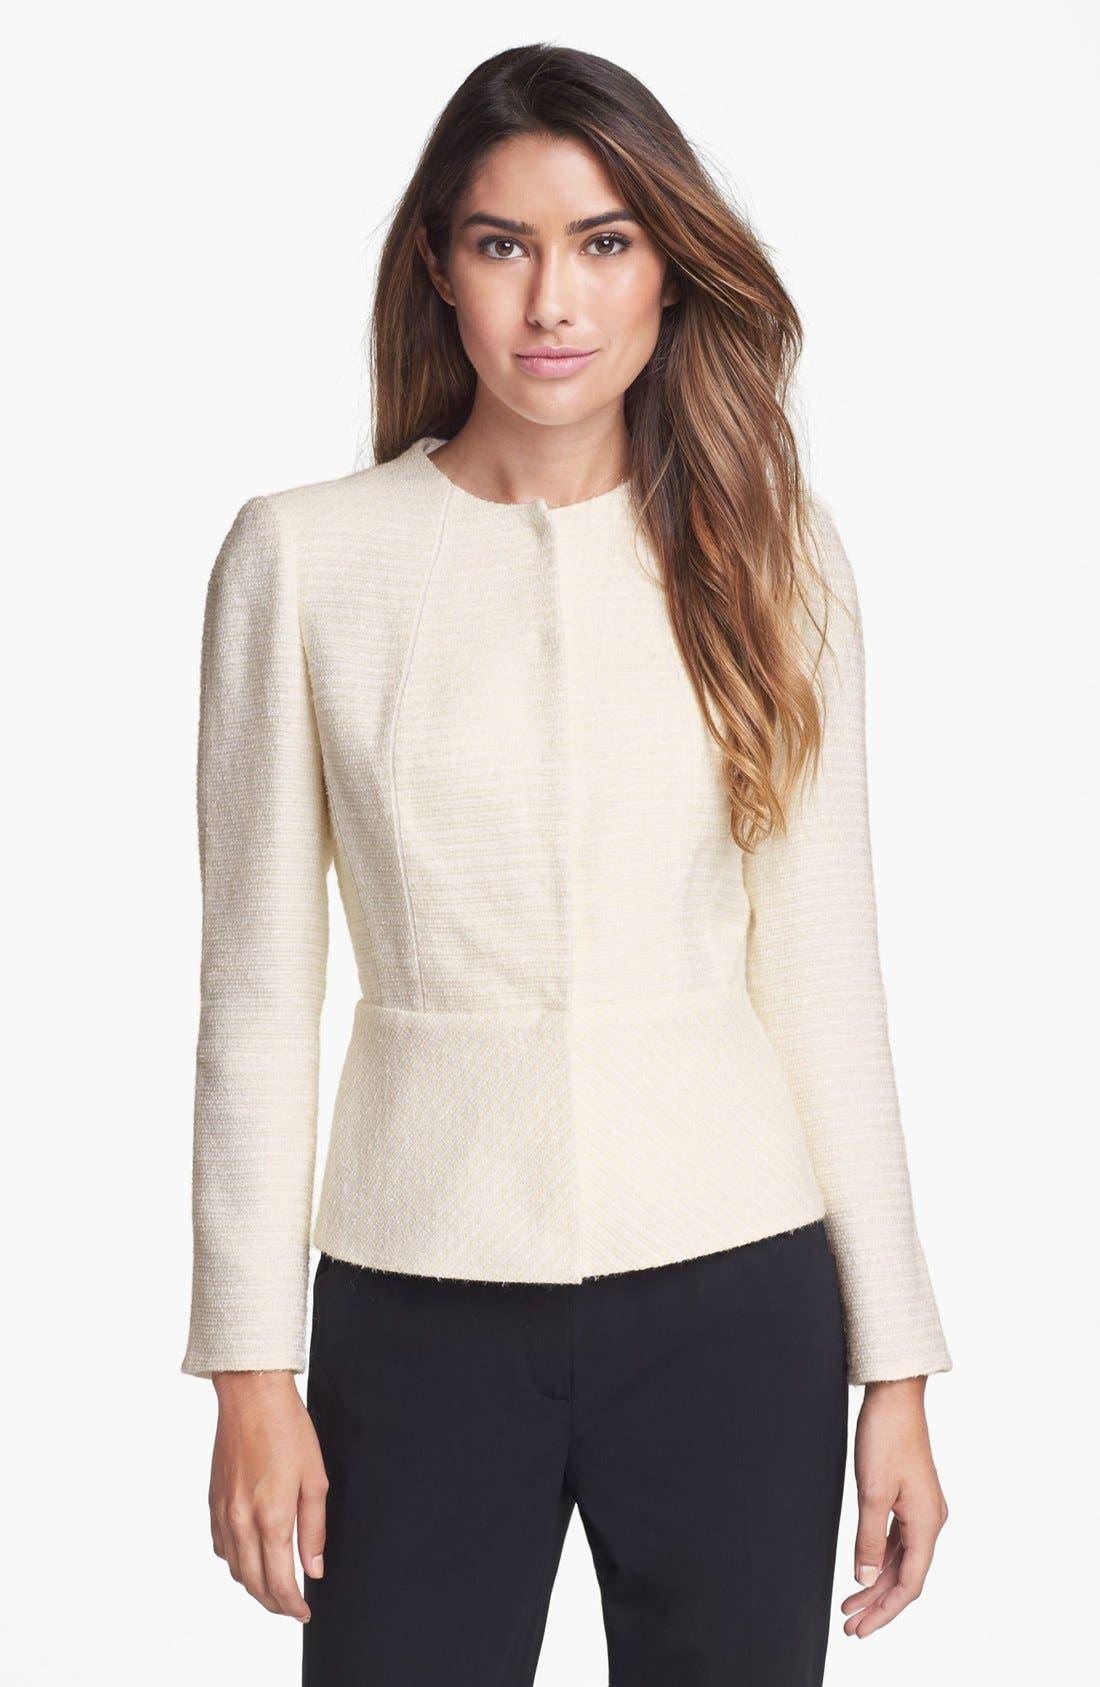 Alternate Image 1 Selected - Lafayette 148 New York 'Donatella' Tweed Jacket